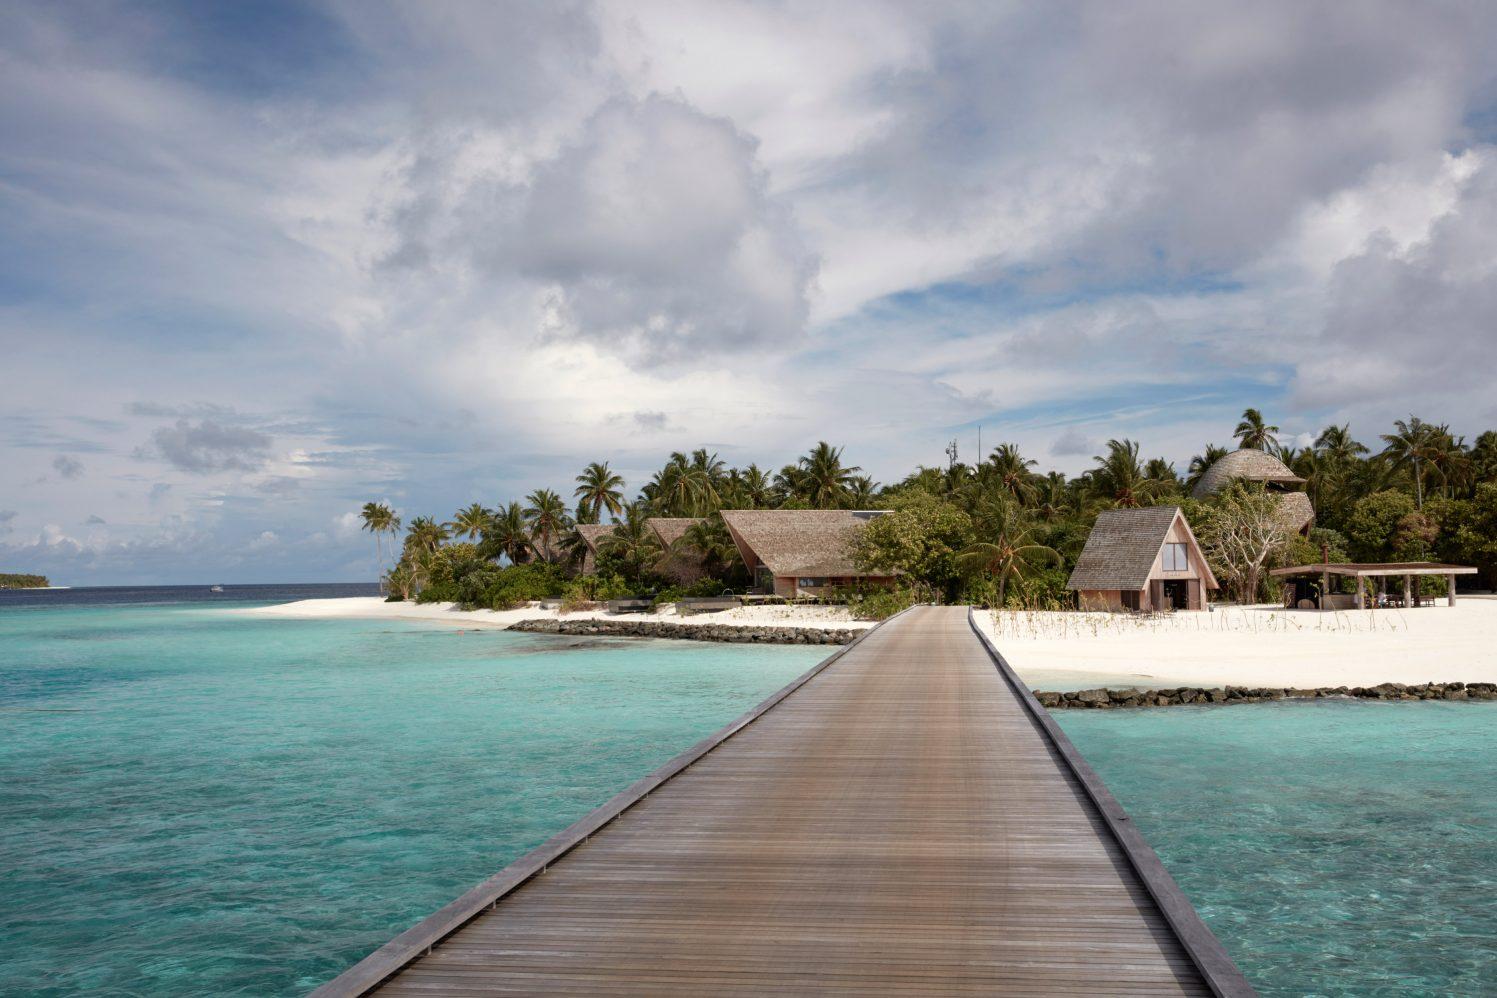 Maldives_Sean_Fennessy_015